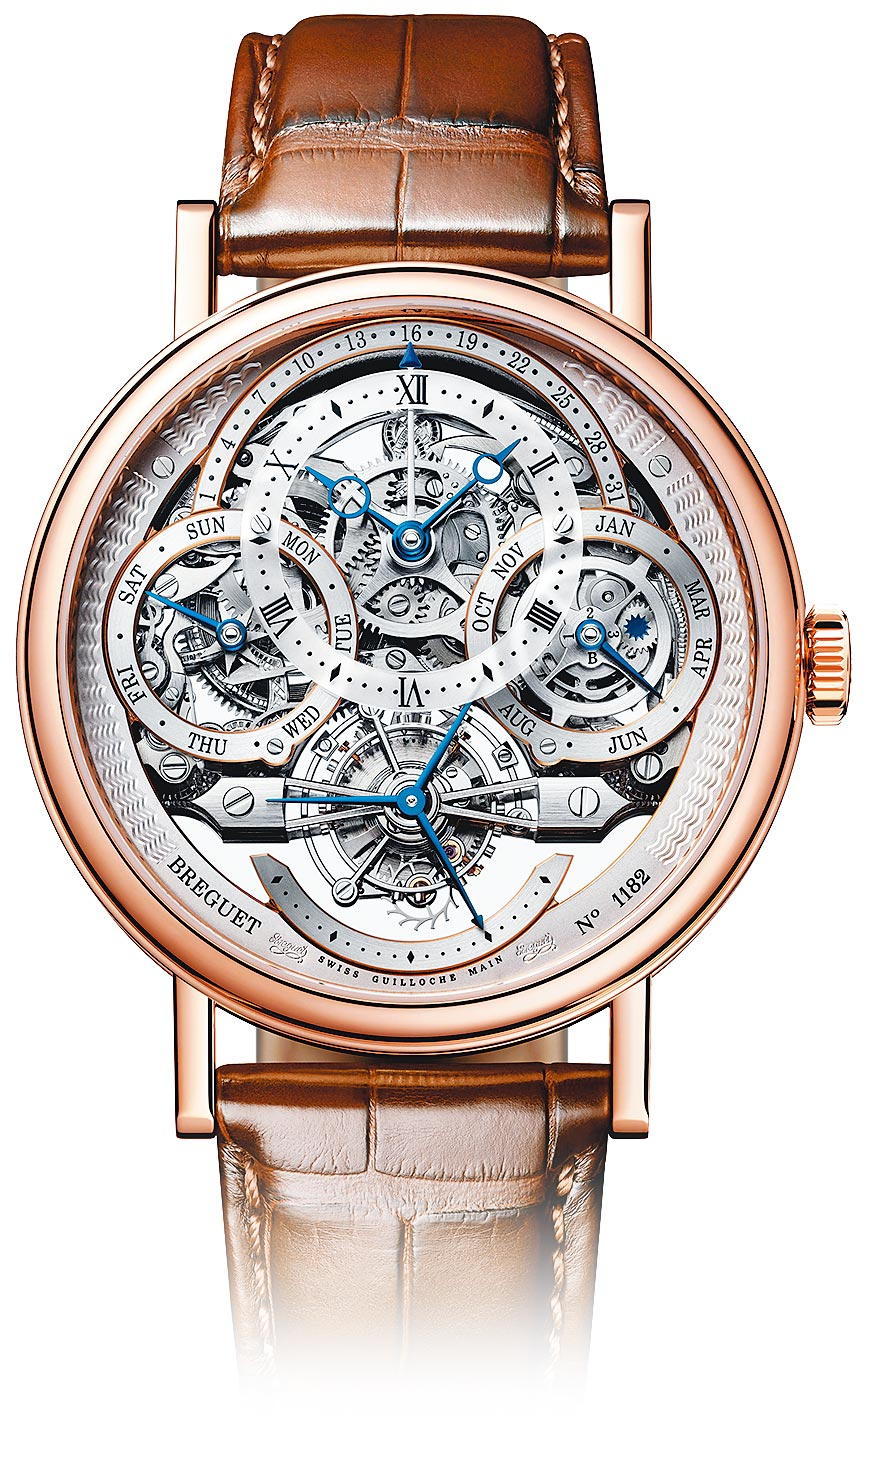 寶璣Classique Tourbillon Quantieme Perpetuel 3795經典系列萬年曆鏤空陀飛輪腕表,776萬1000元。(Breguet提供)